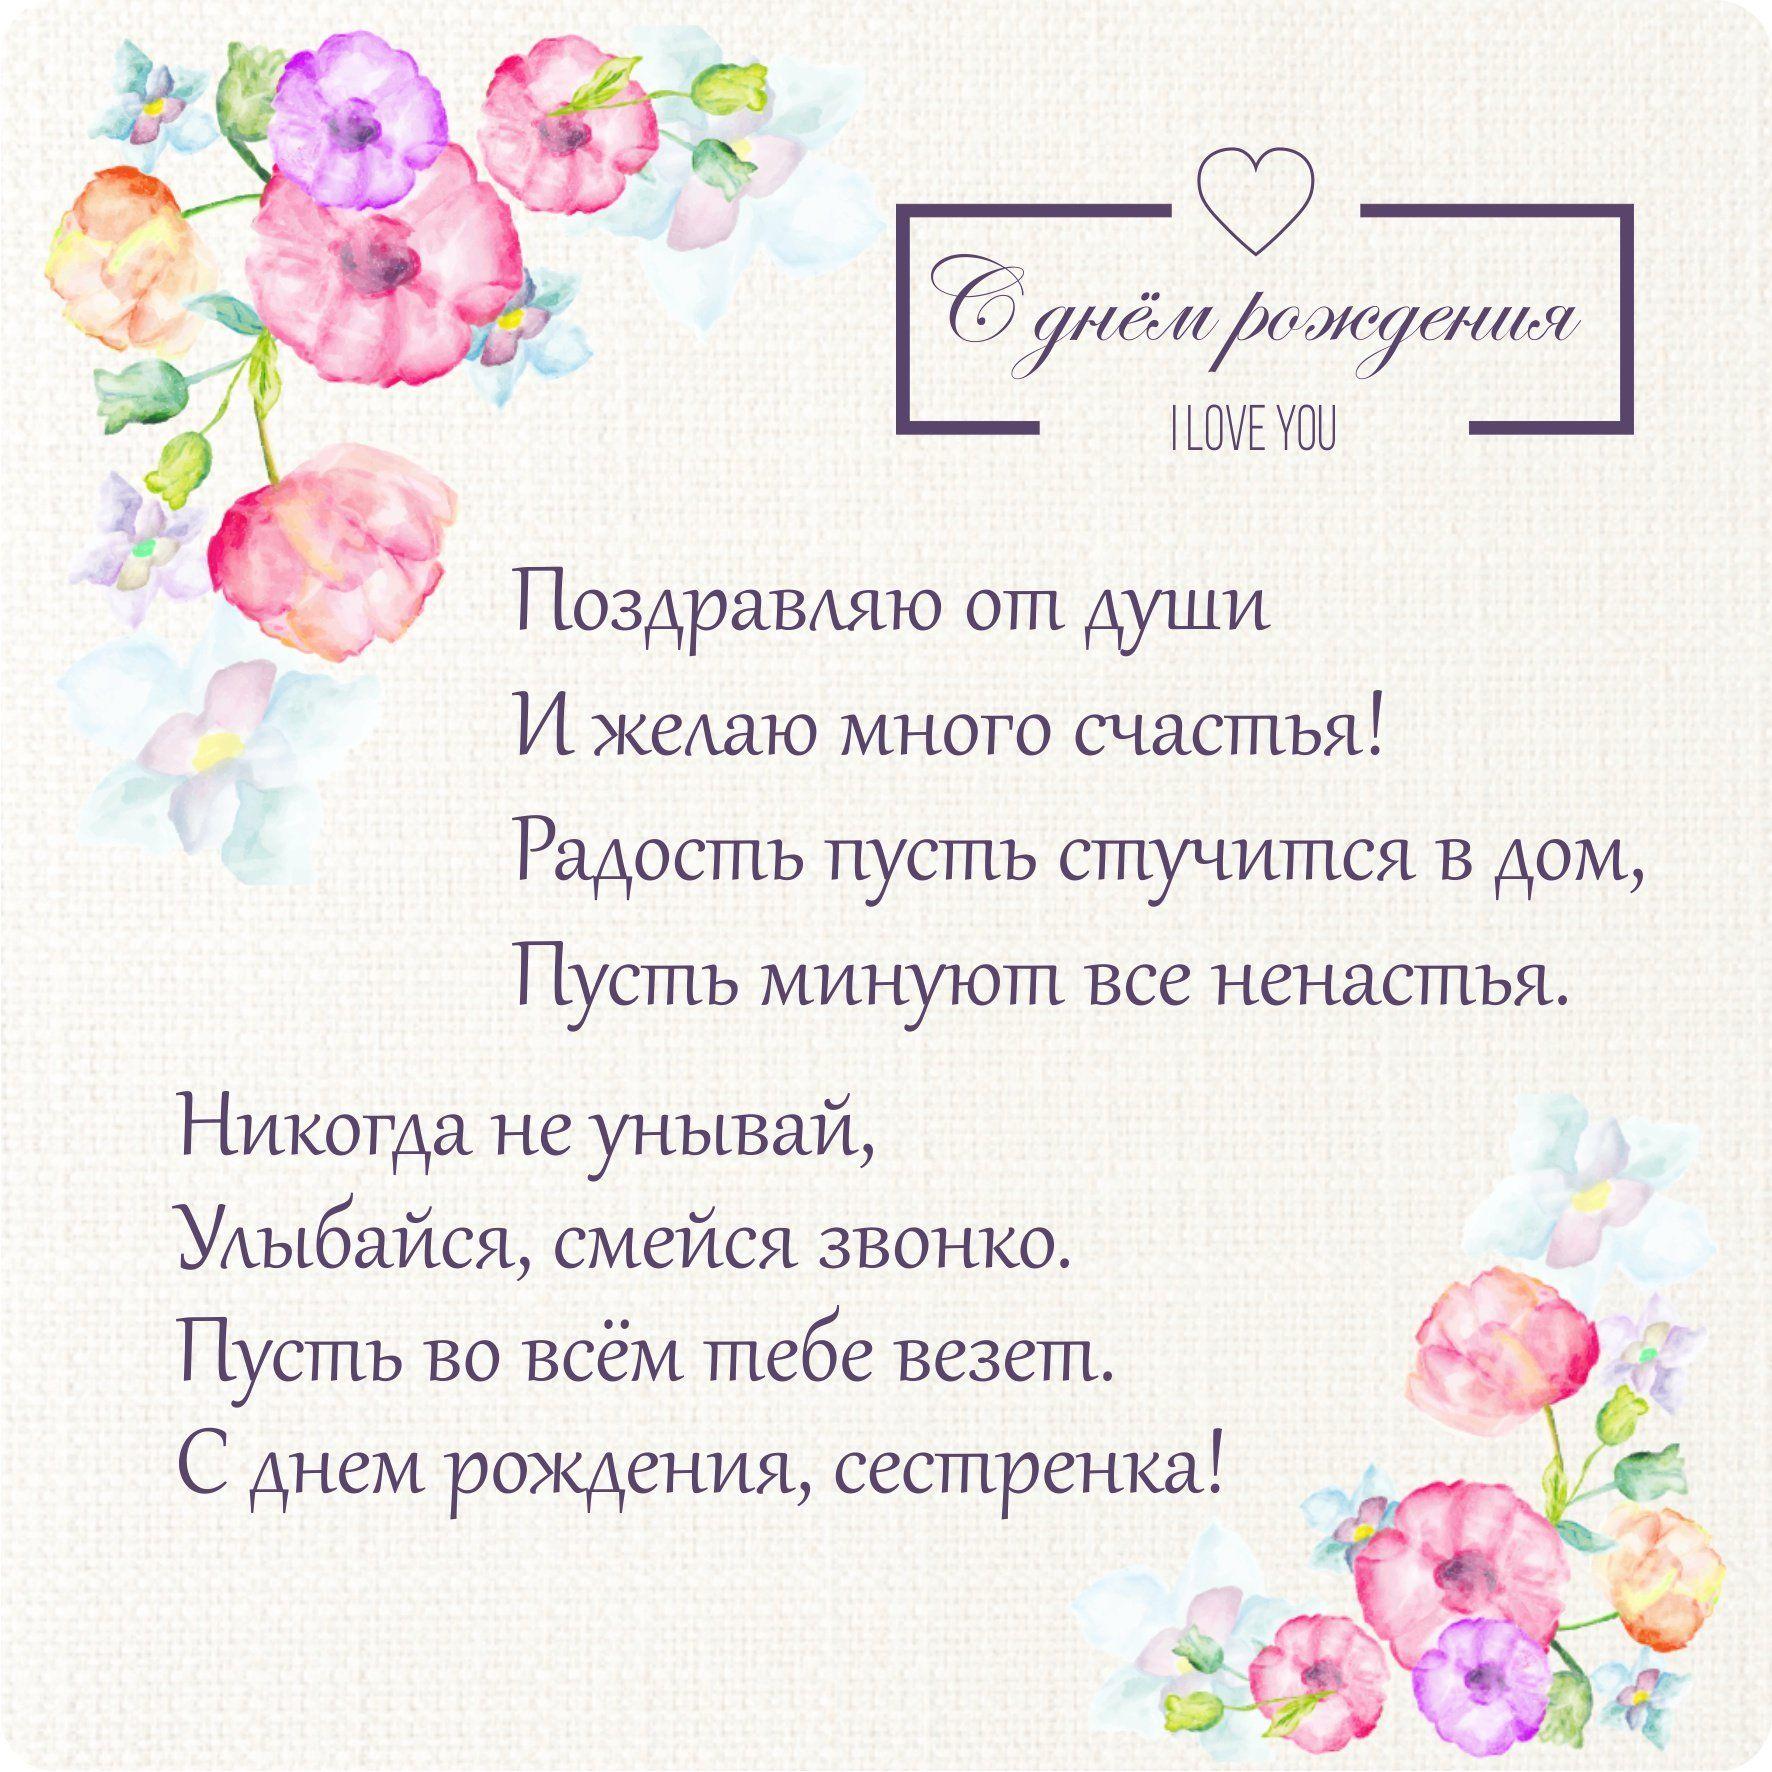 Pozdravleniya S Dnem Rozhdeniya Krasivye V Proze Zhenshine Muzhchine Podruge Mama Sestre Happy Birthday Pictures Birthday Pictures Happy Birthday